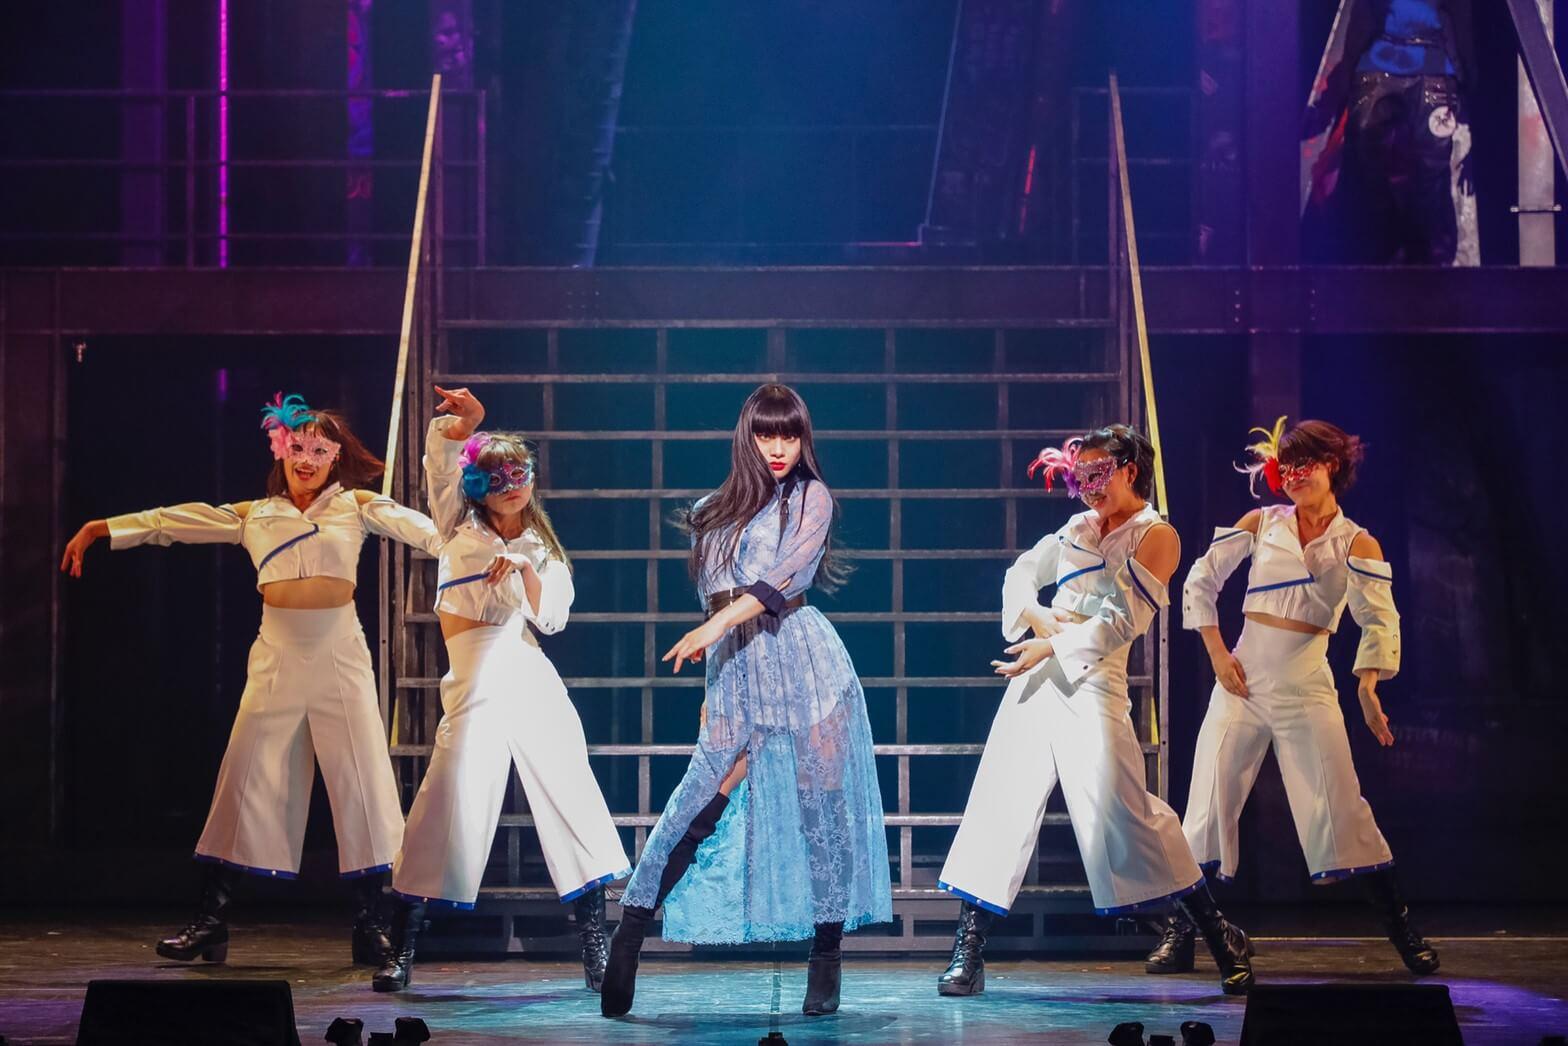 マドンナをも虜にする世界的ダンサーの仲万美、Rock Opera『R&J』のジュリエット役が話題